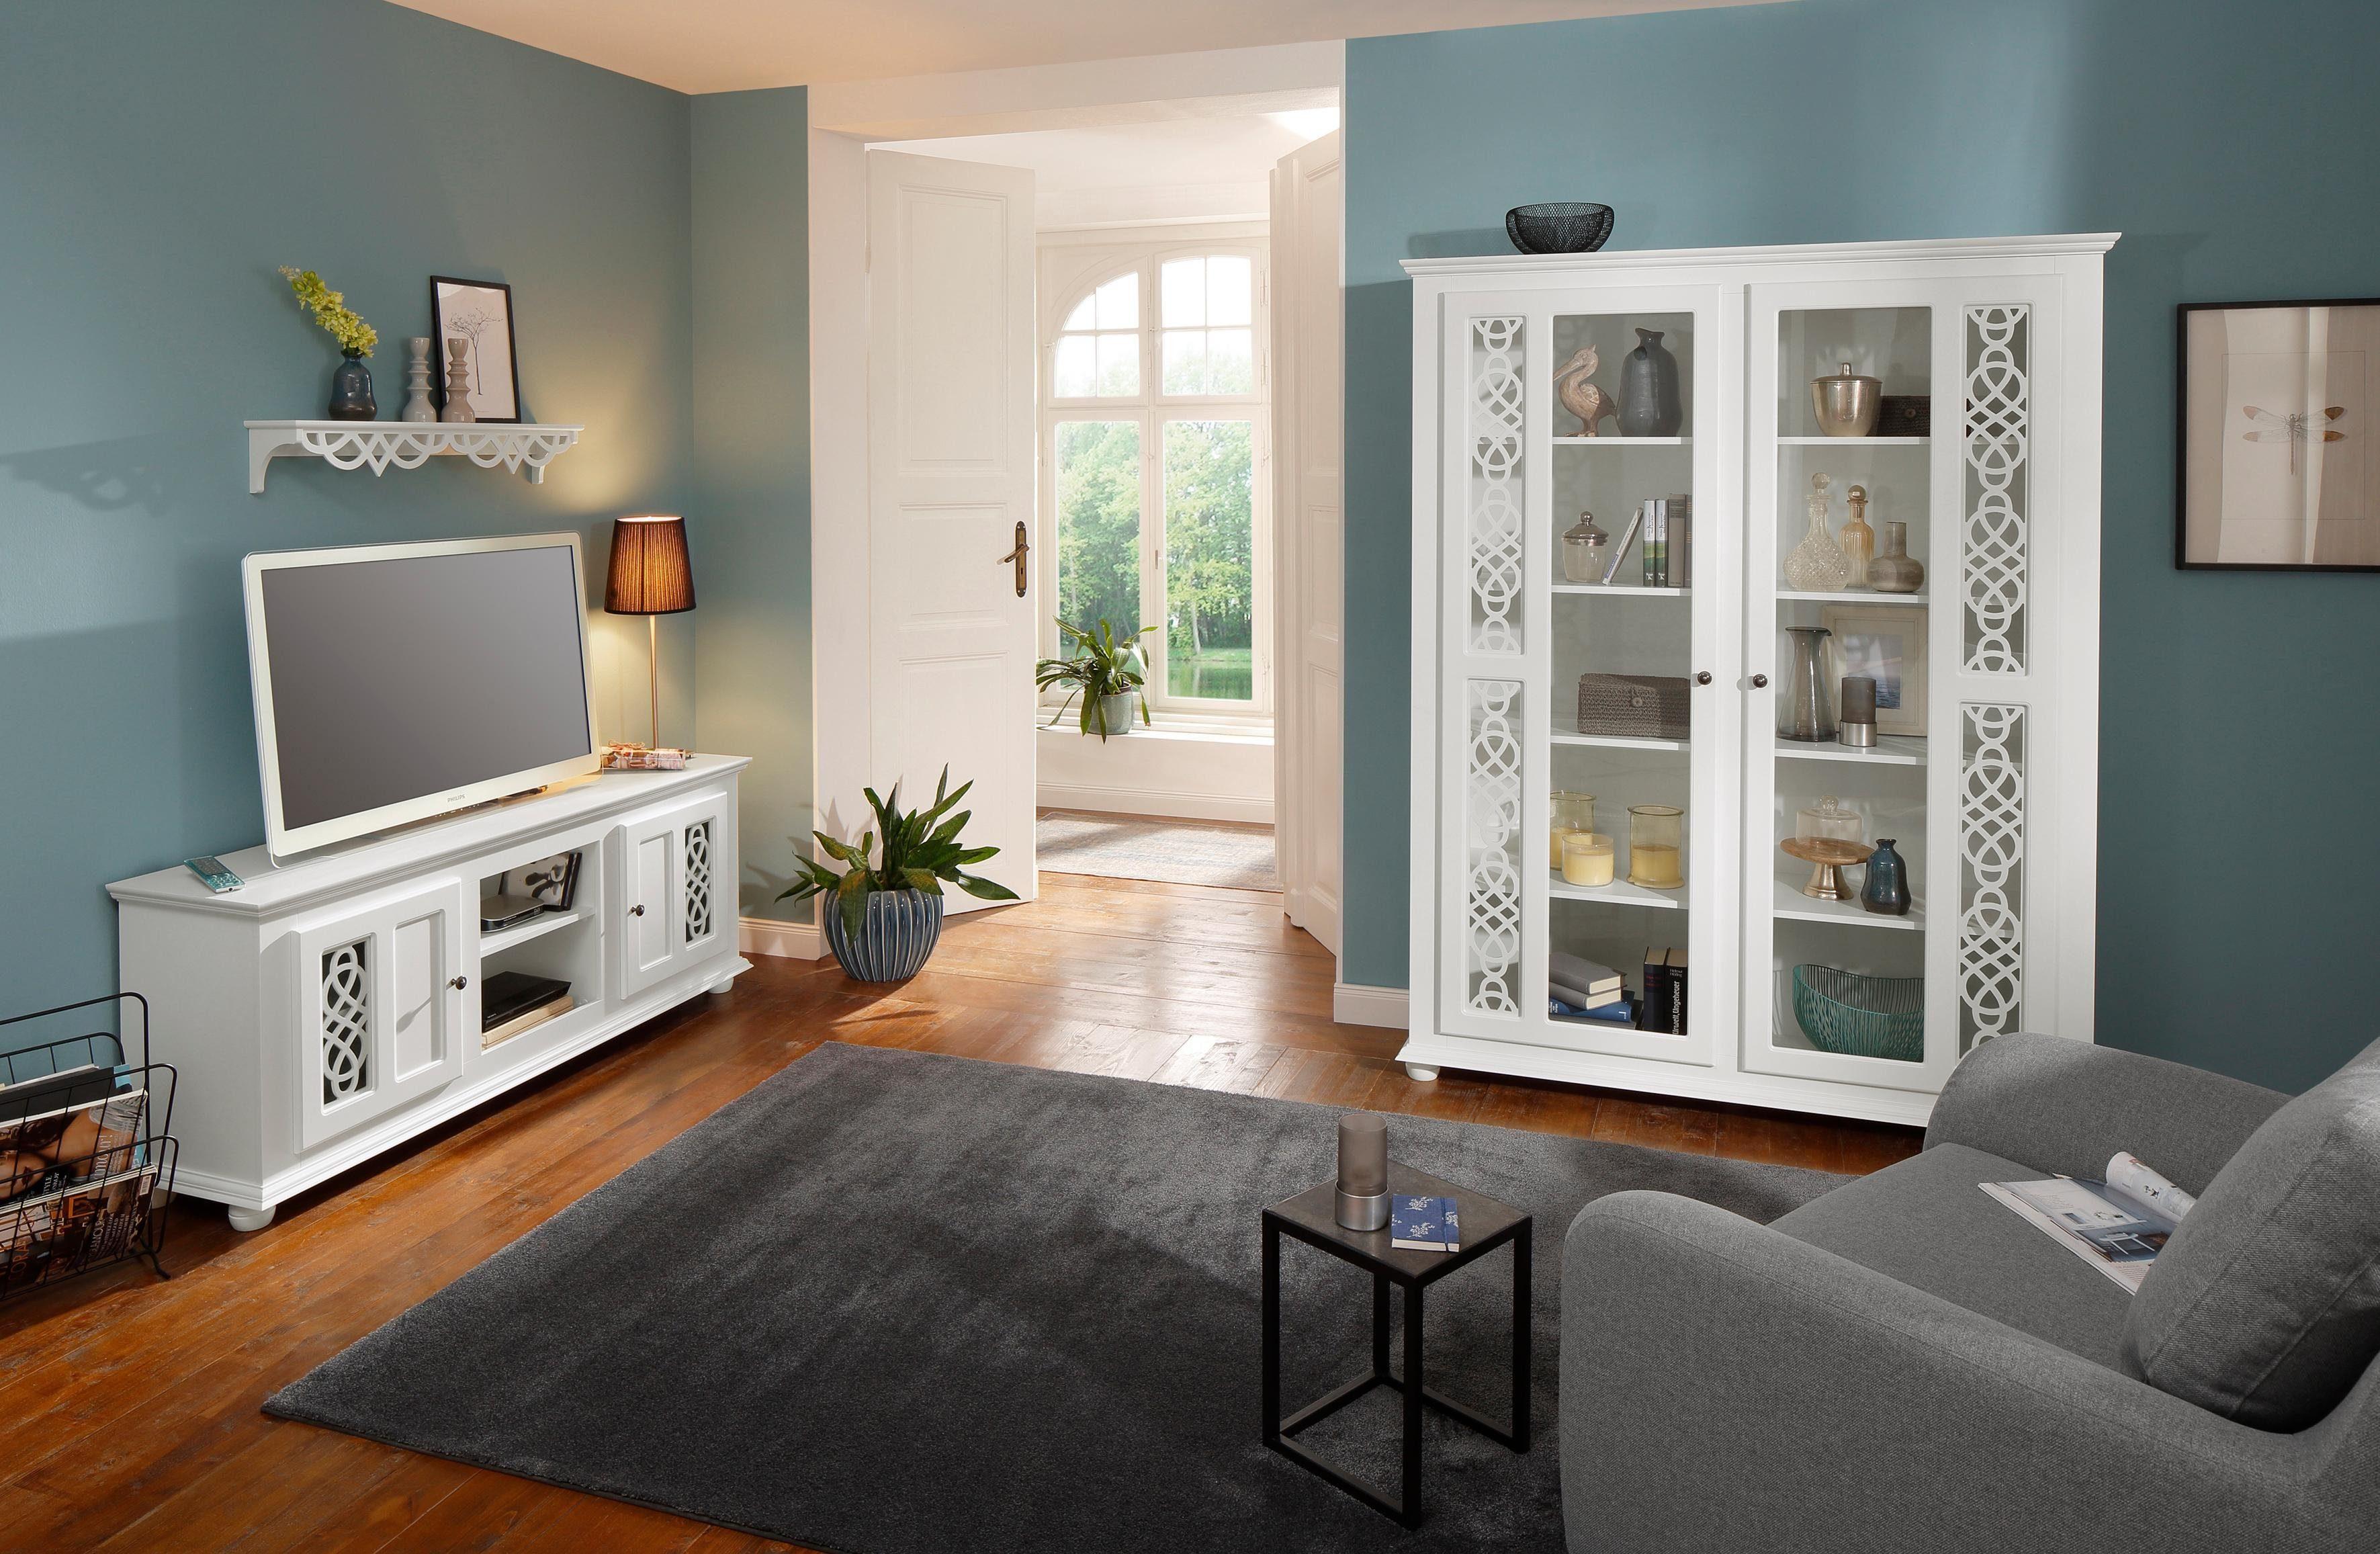 Home affaire Vitrine »Polaris« mit 2 Glastüren, mit kunstvollen Fräsungen, Breite 146 cm